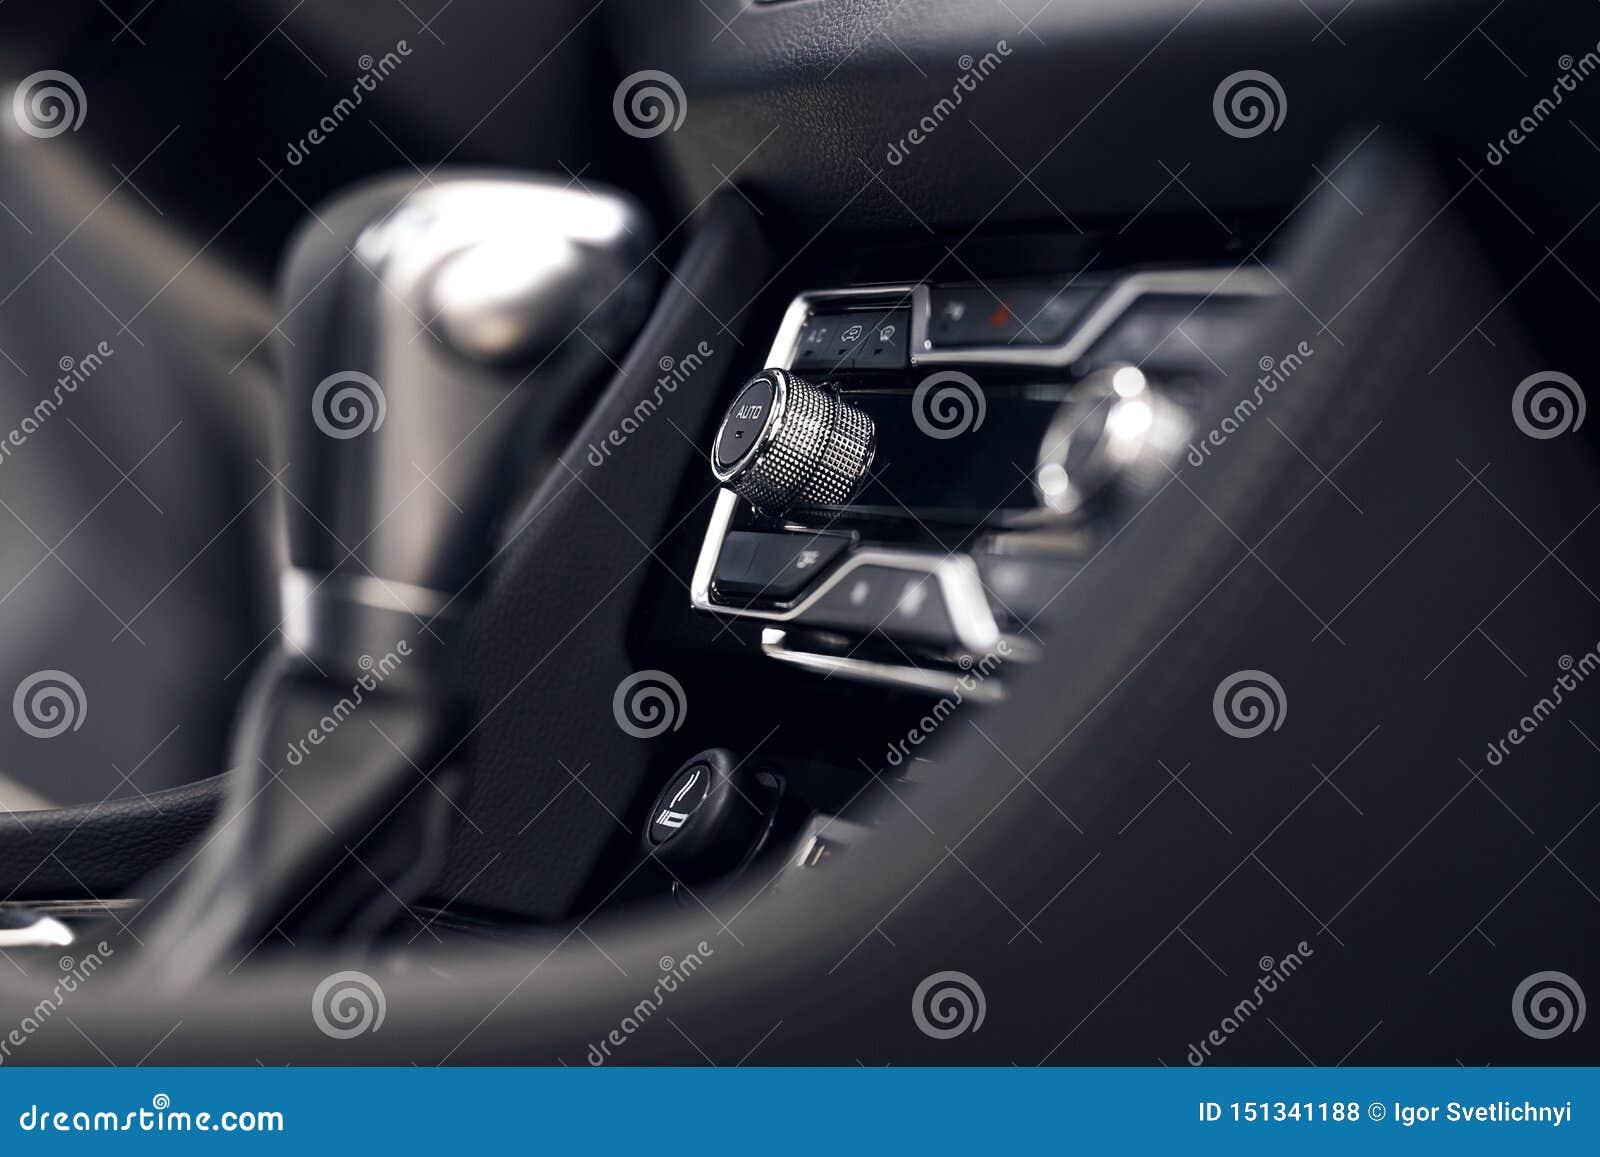 Airconditioningsknoop binnen een auto De eenheid van de klimaatcontrole in de nieuwe auto moderne auto binnenlandse details